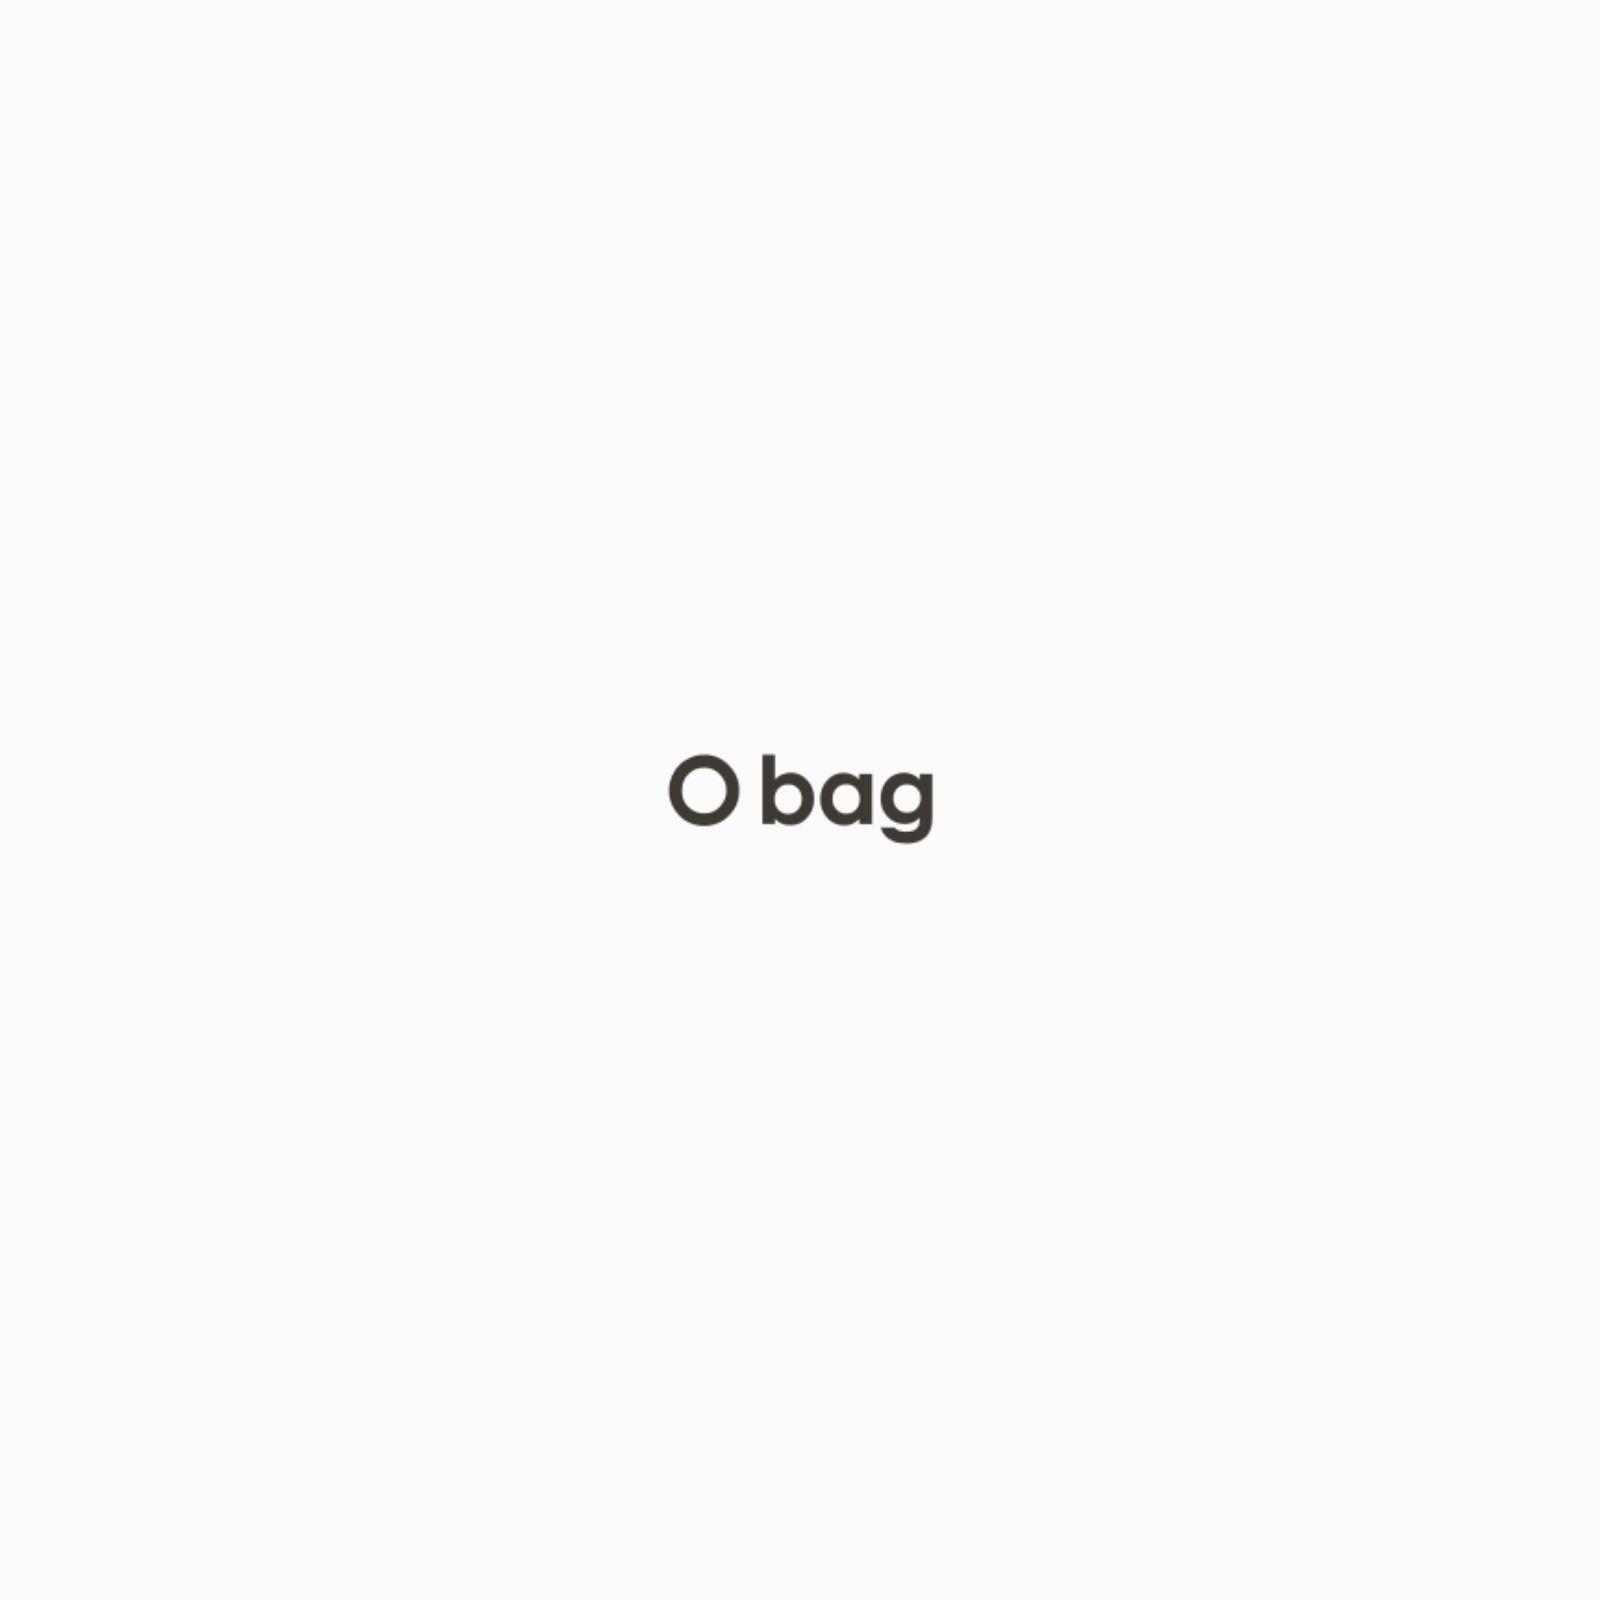 Borse O Bag Udine : O bag trim mondrian faux fur bags